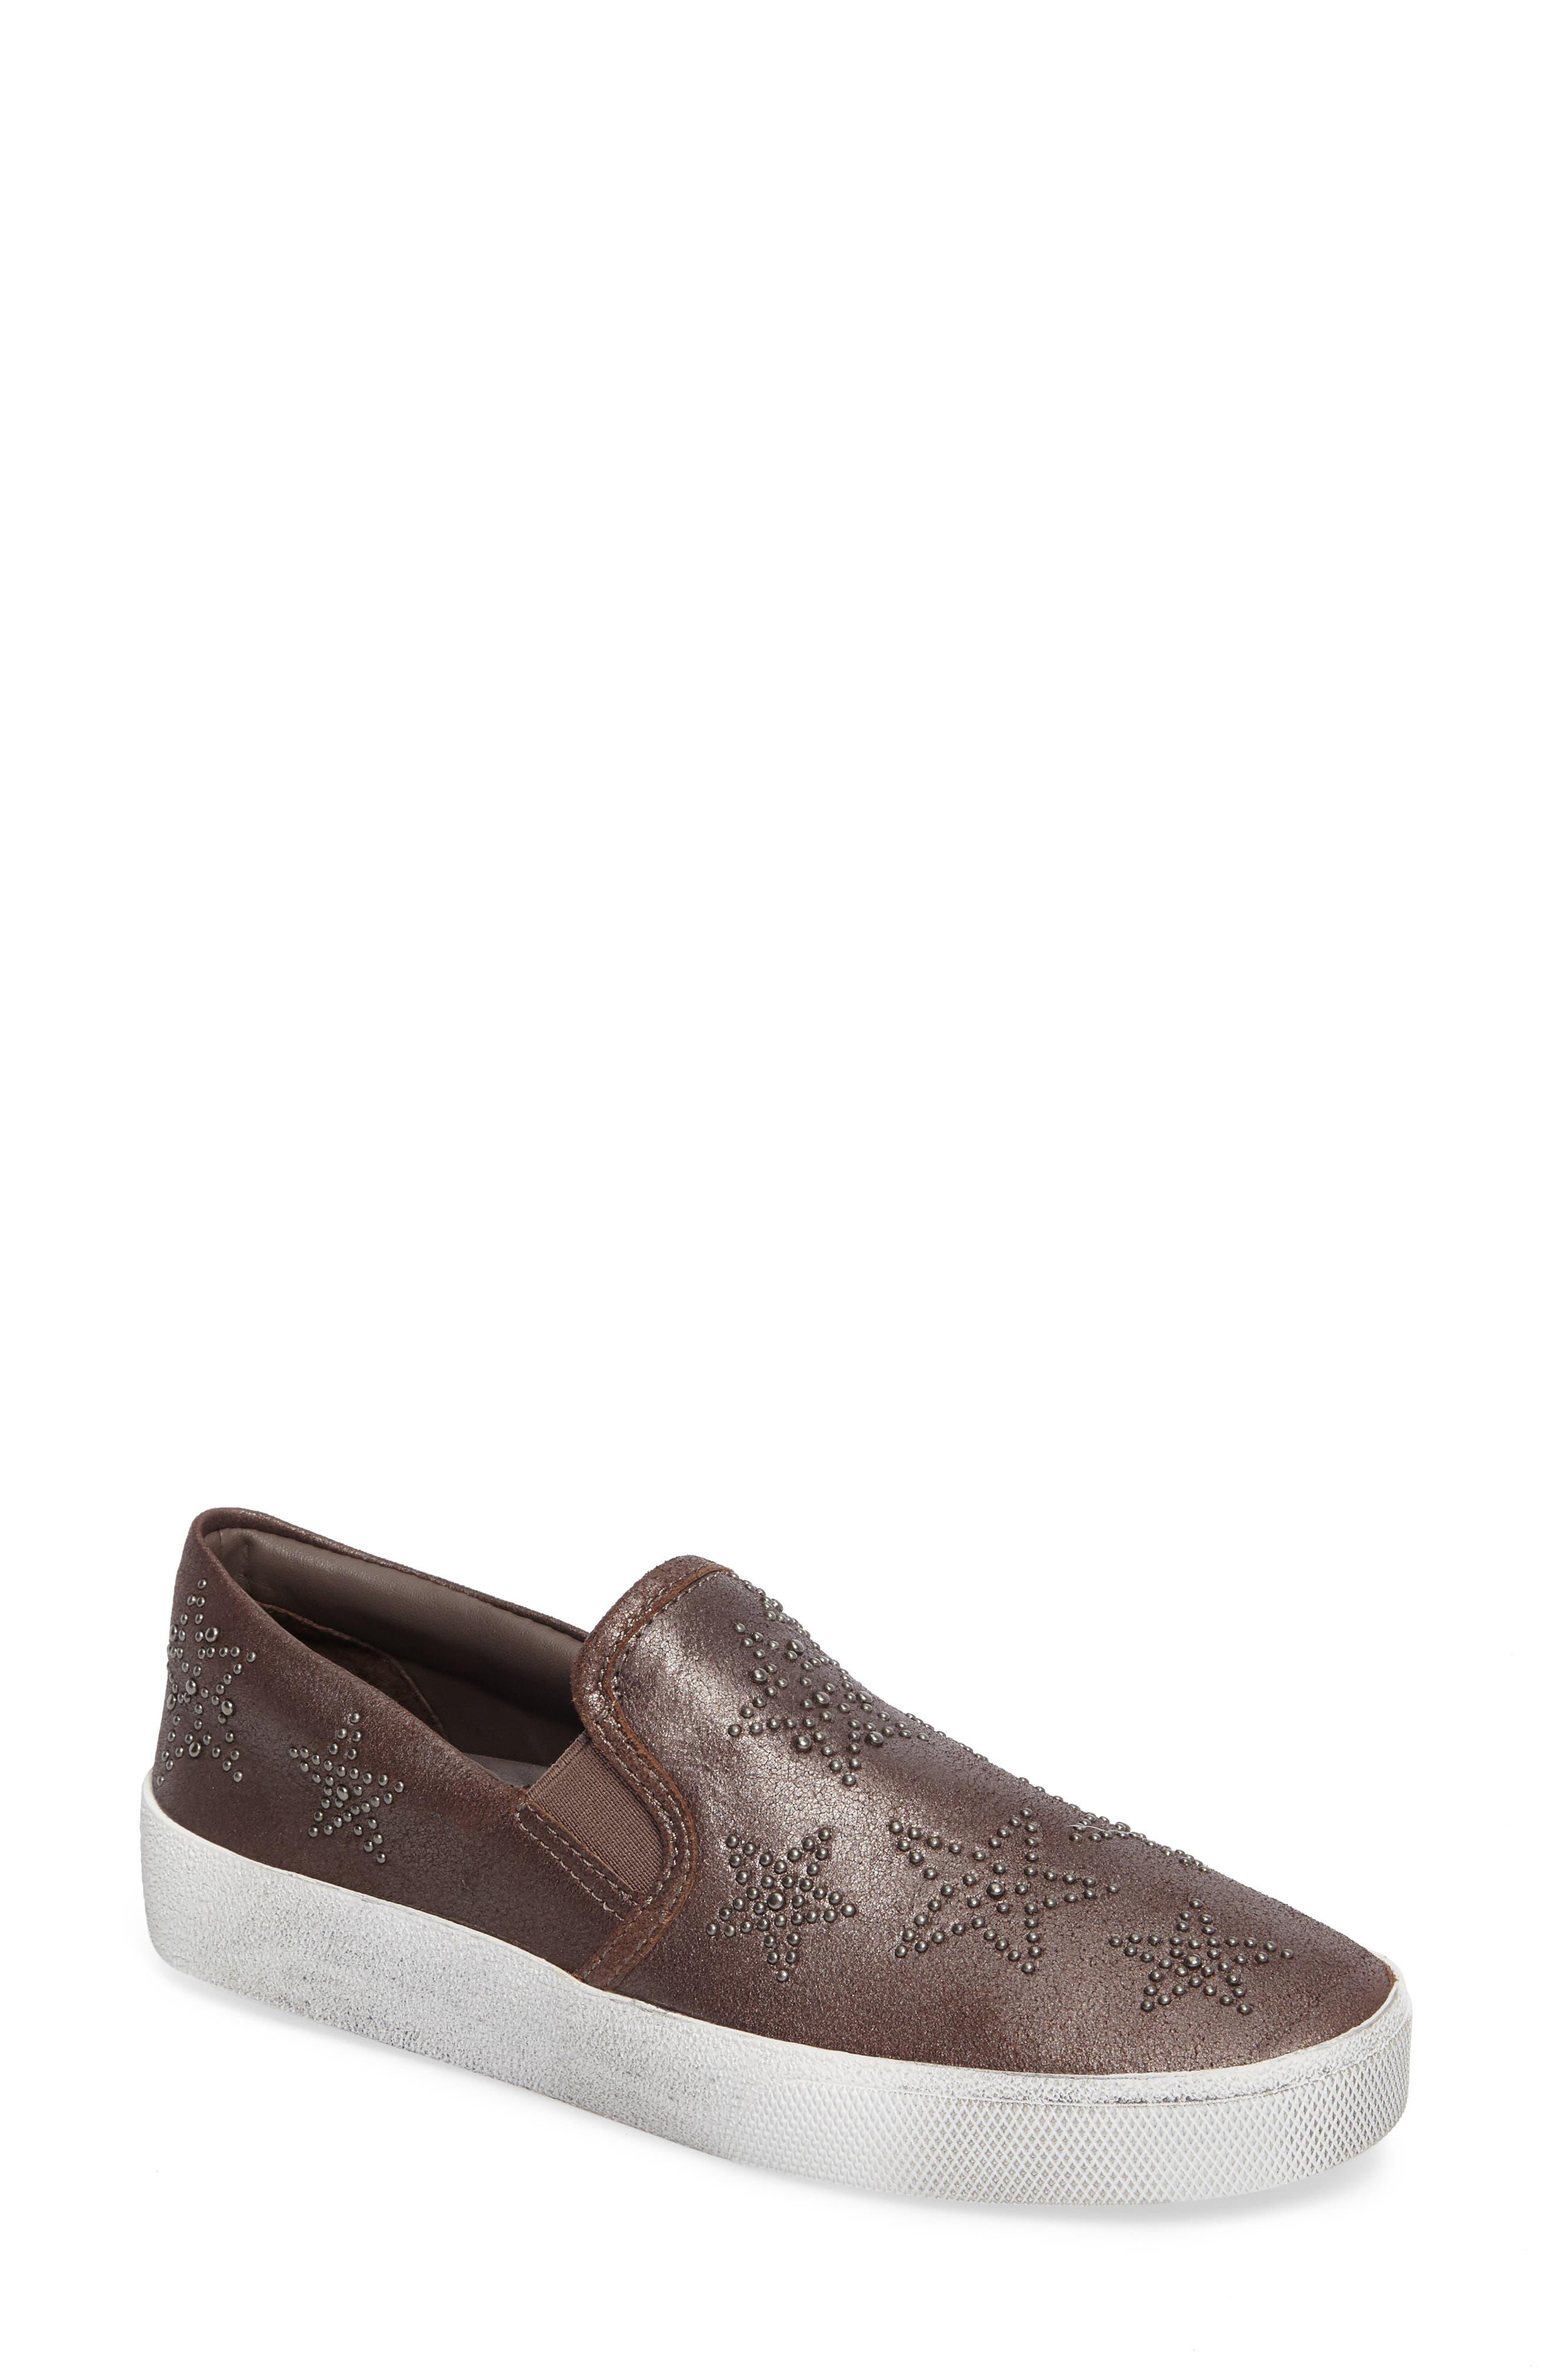 Alternate Image 1 Selected - Mercer Edit Star Slip-On Sneaker (Women)